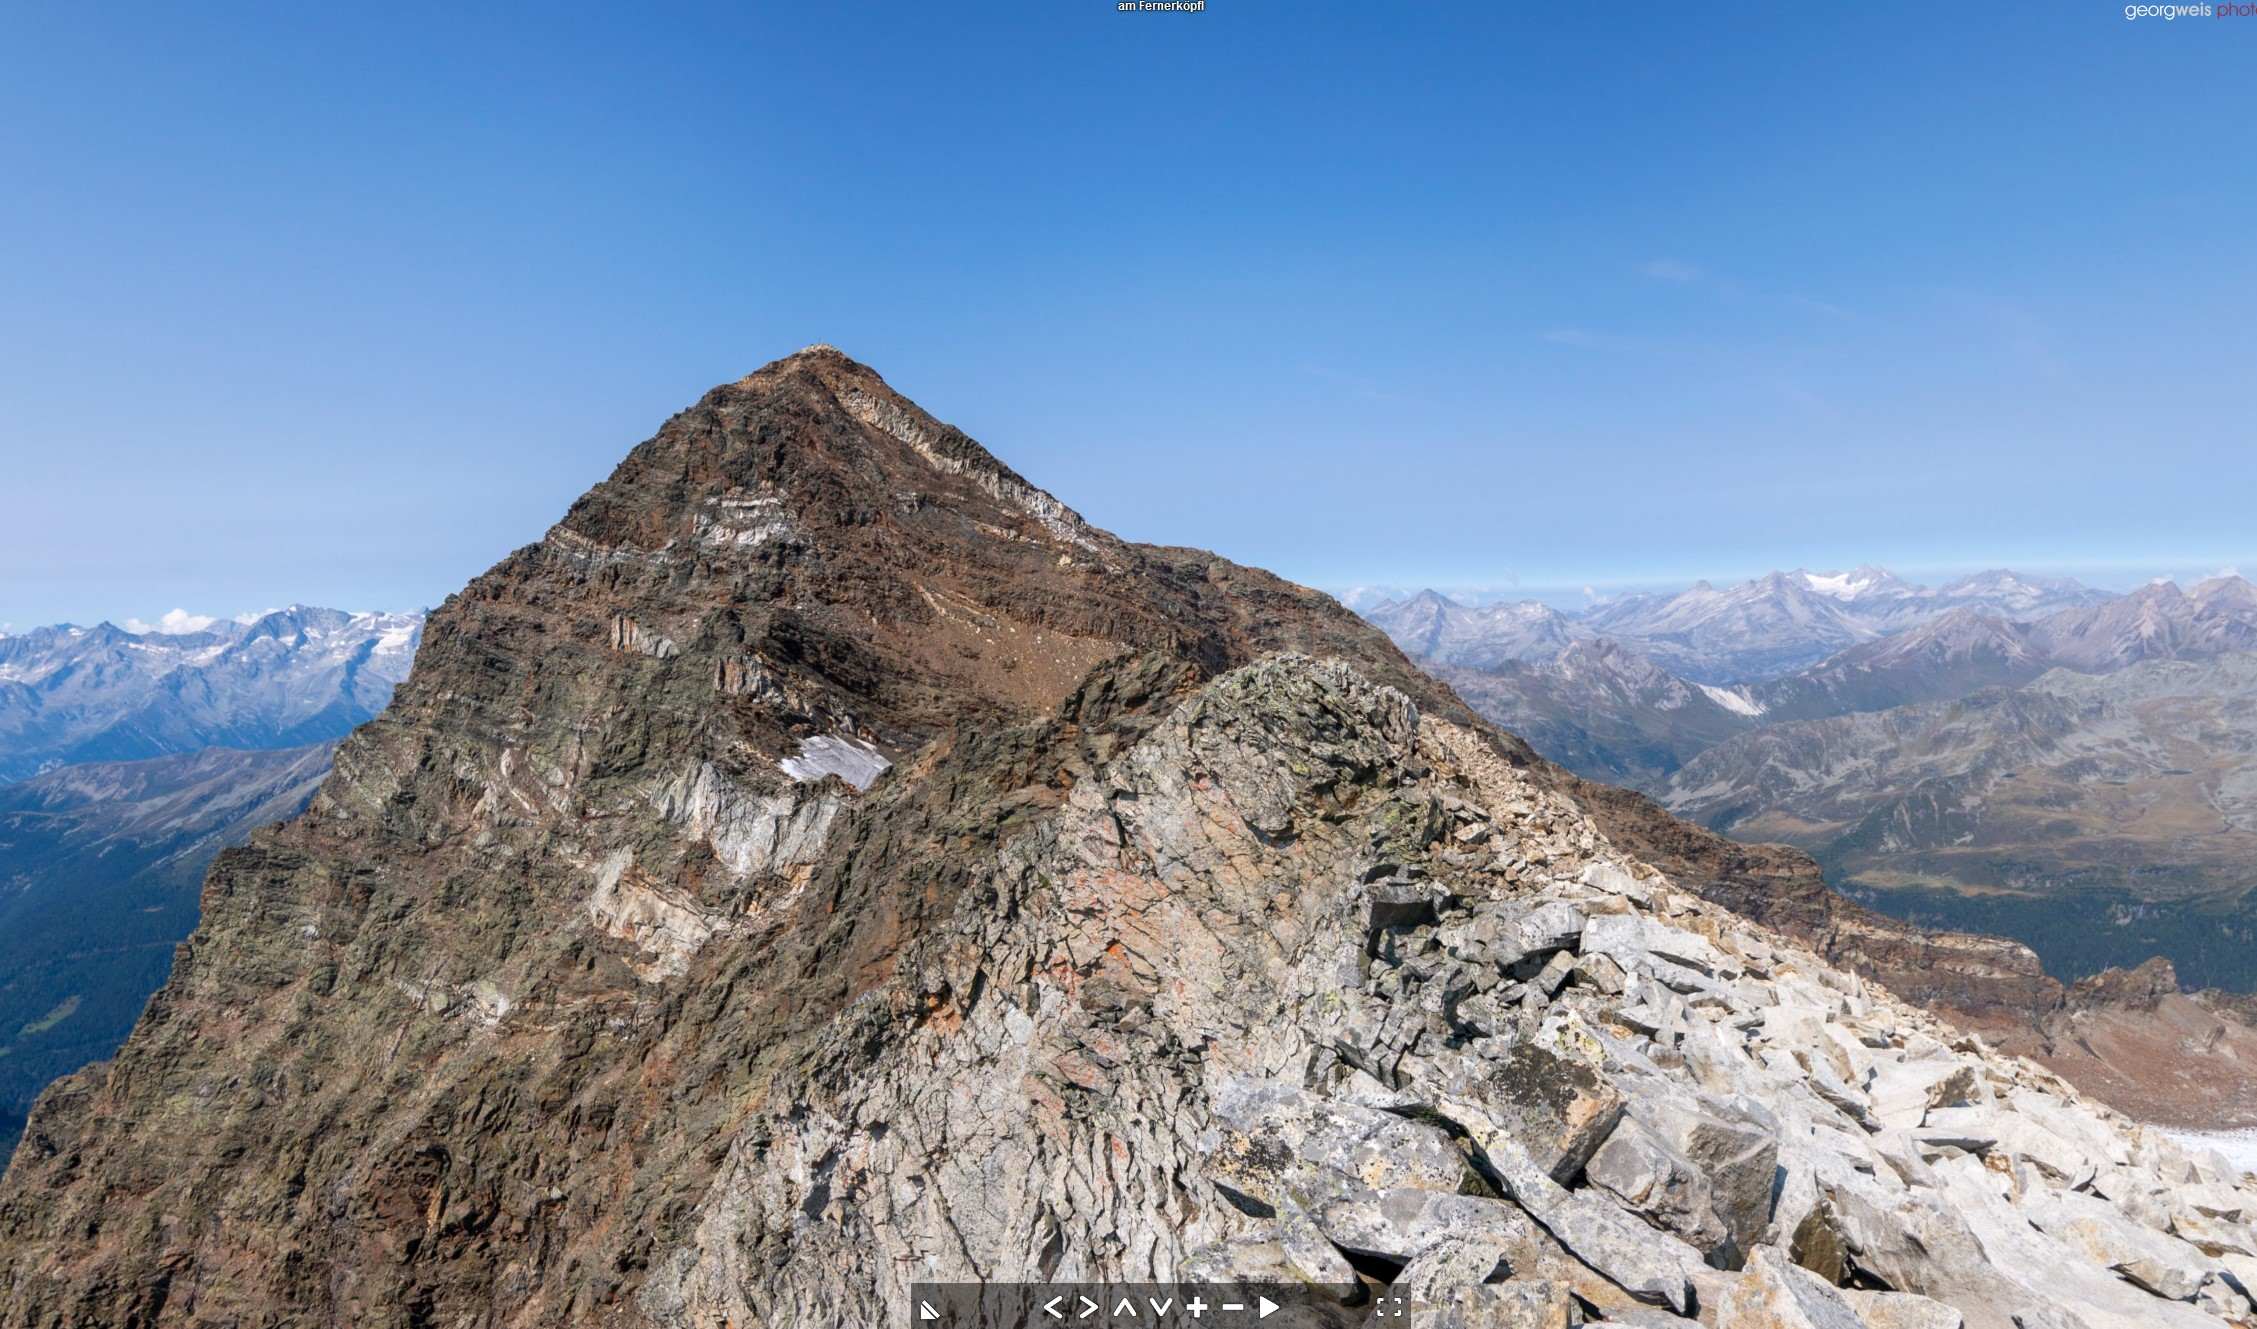 Fernerköpfl (3249m), Antholz